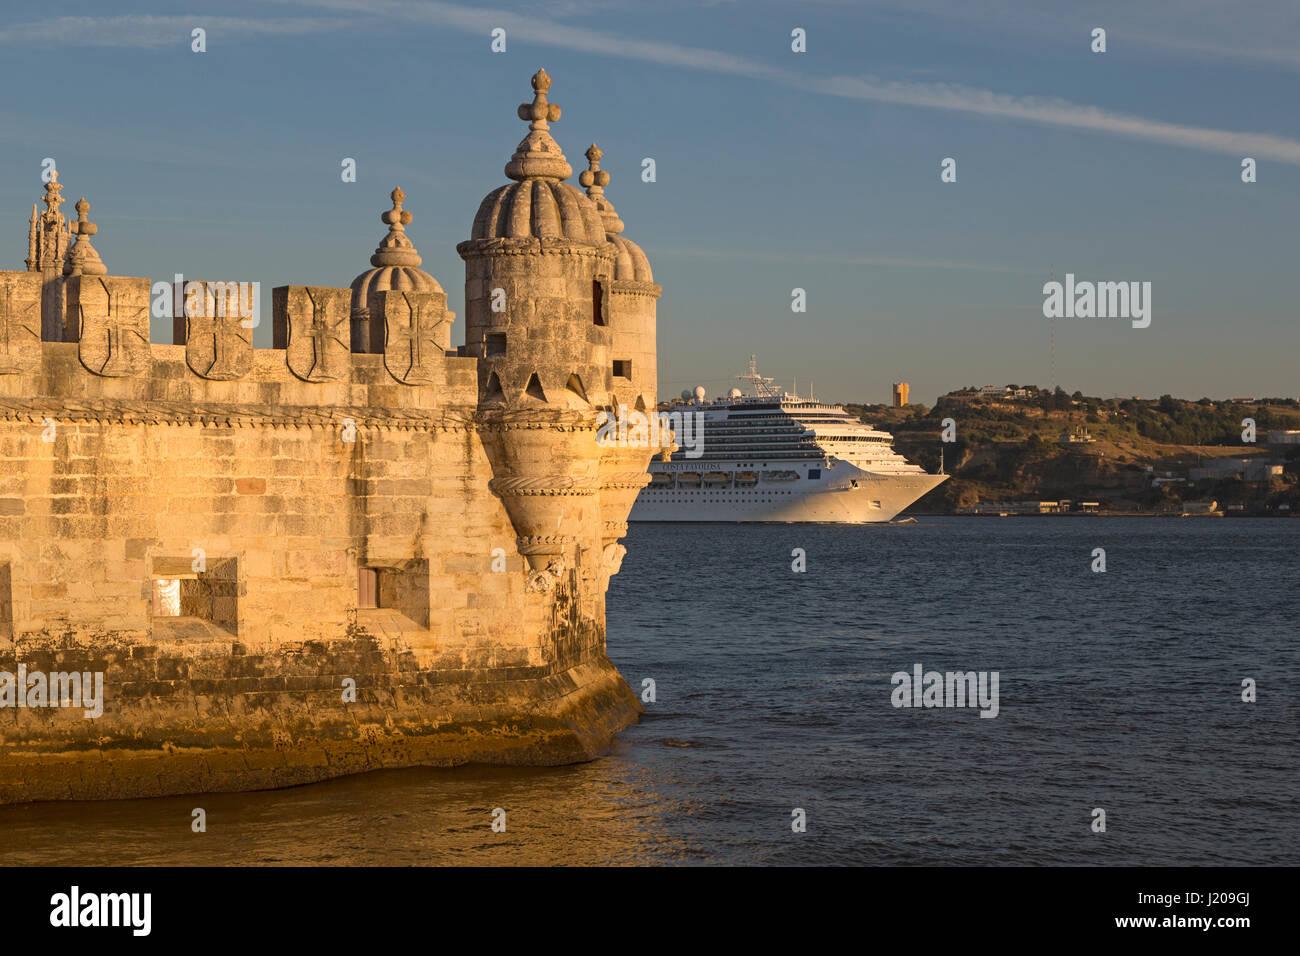 Torre de Belem, Belem Tower, Lisbon, Portugal, Europe - Stock Image